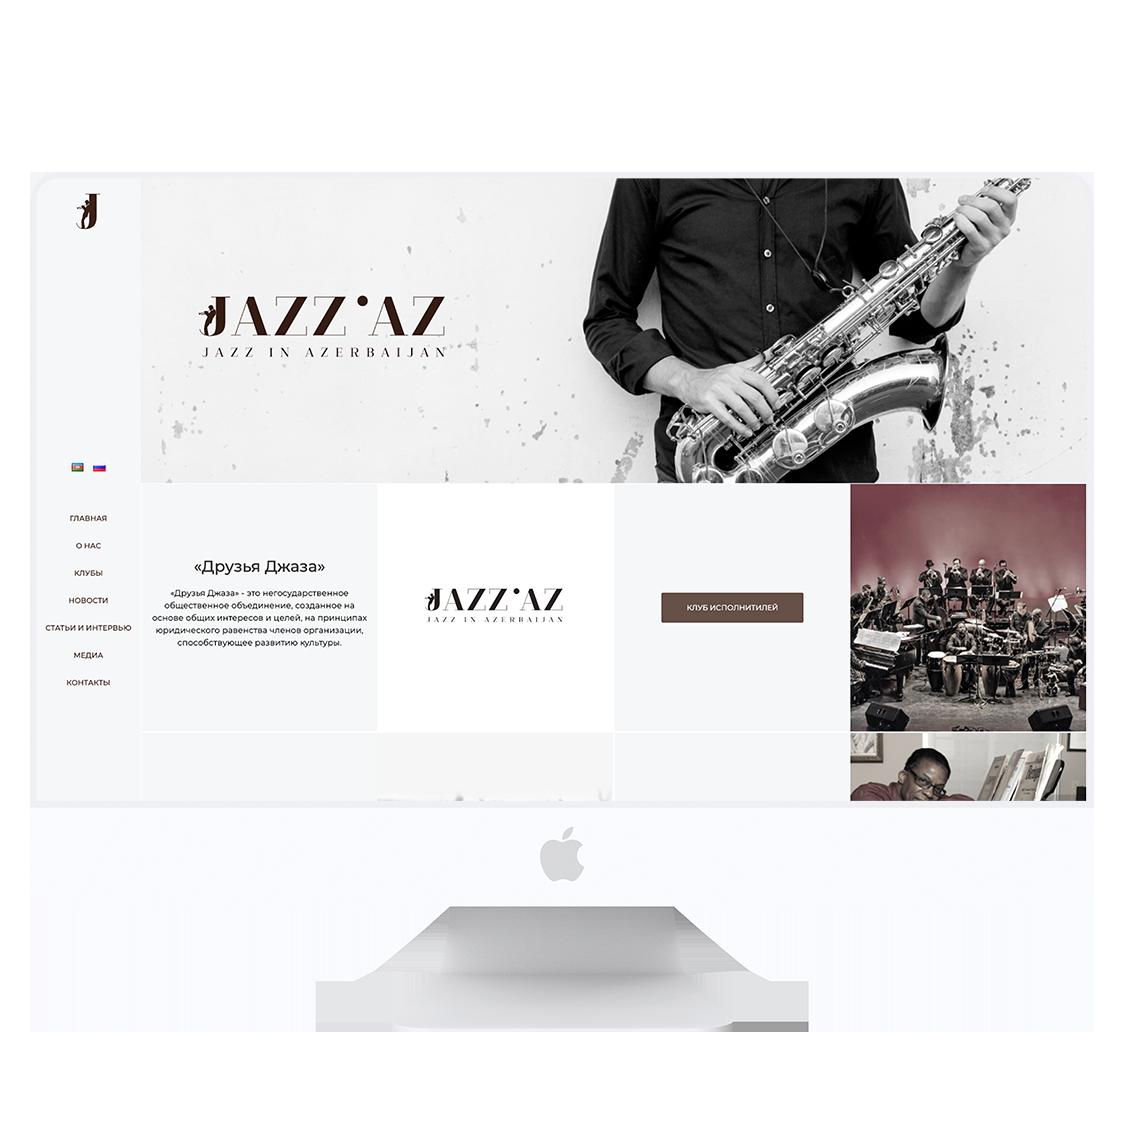 """Vývoj webových stránek pro organizaci """"Jazz Fans"""" v Ázerbájdžánu"""